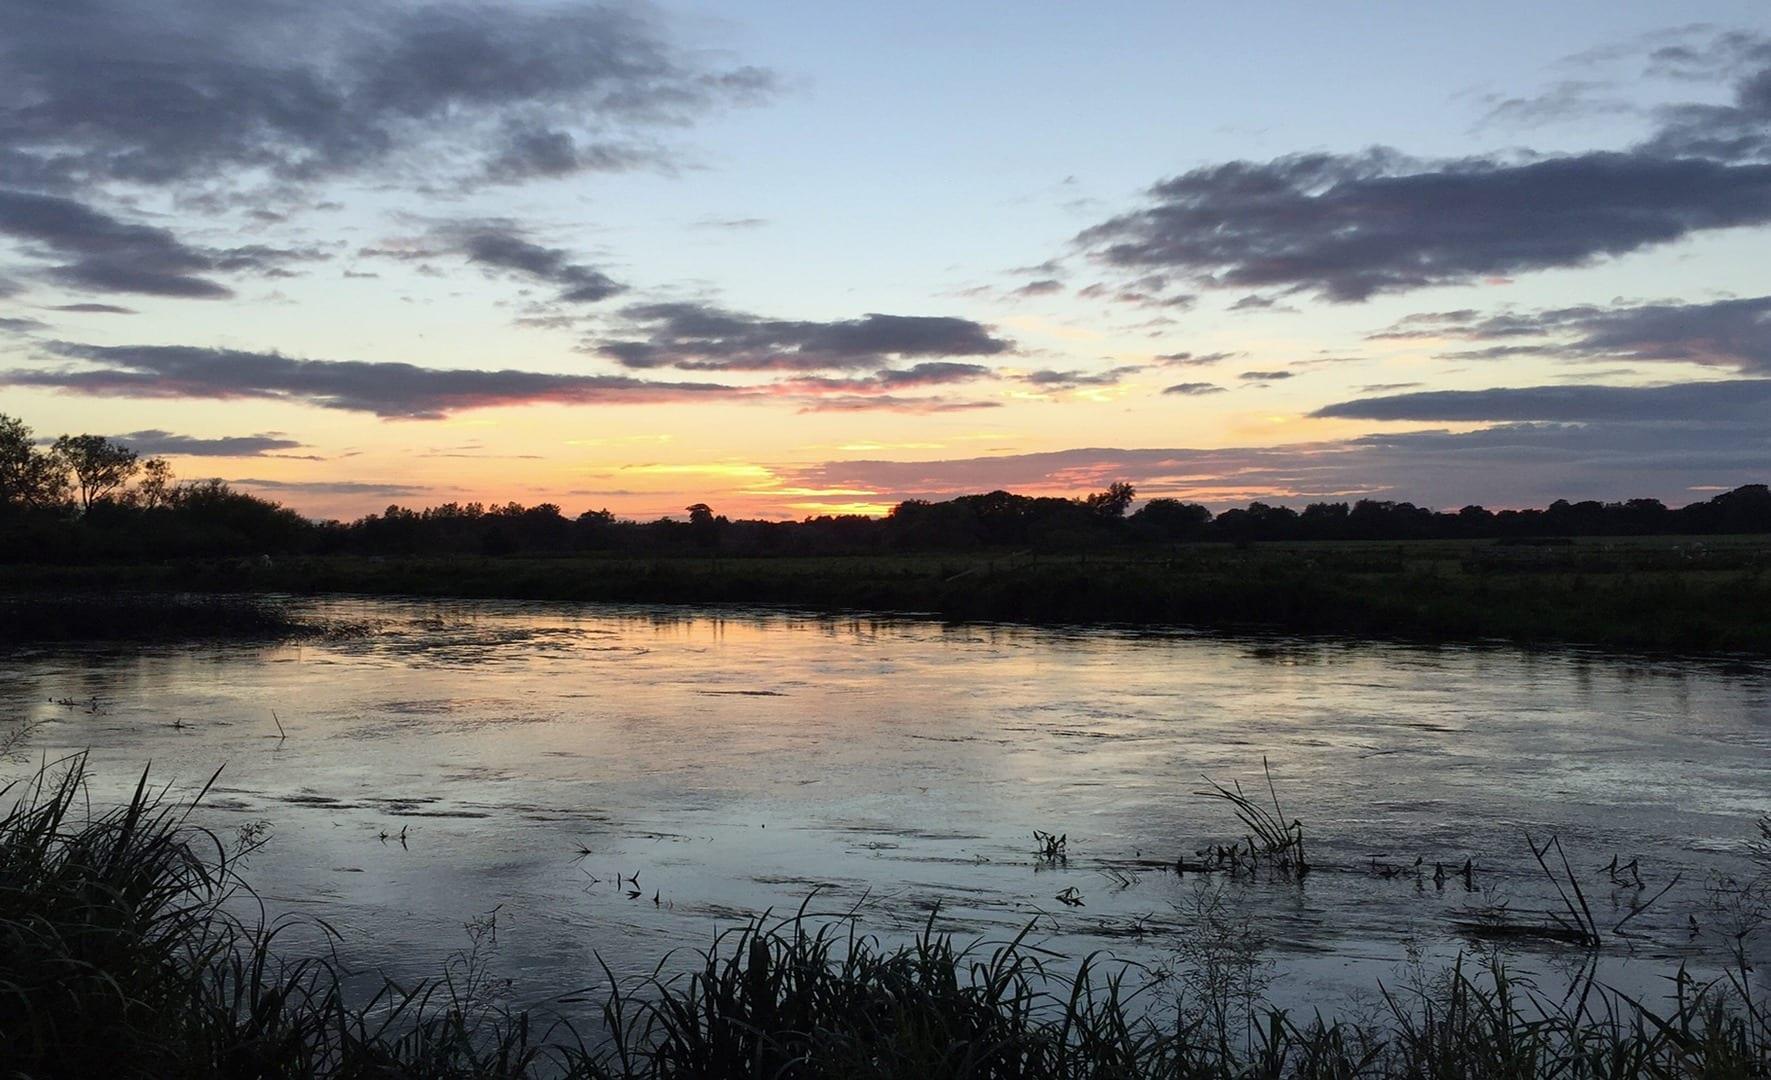 Riverside Lodge, across river sunset